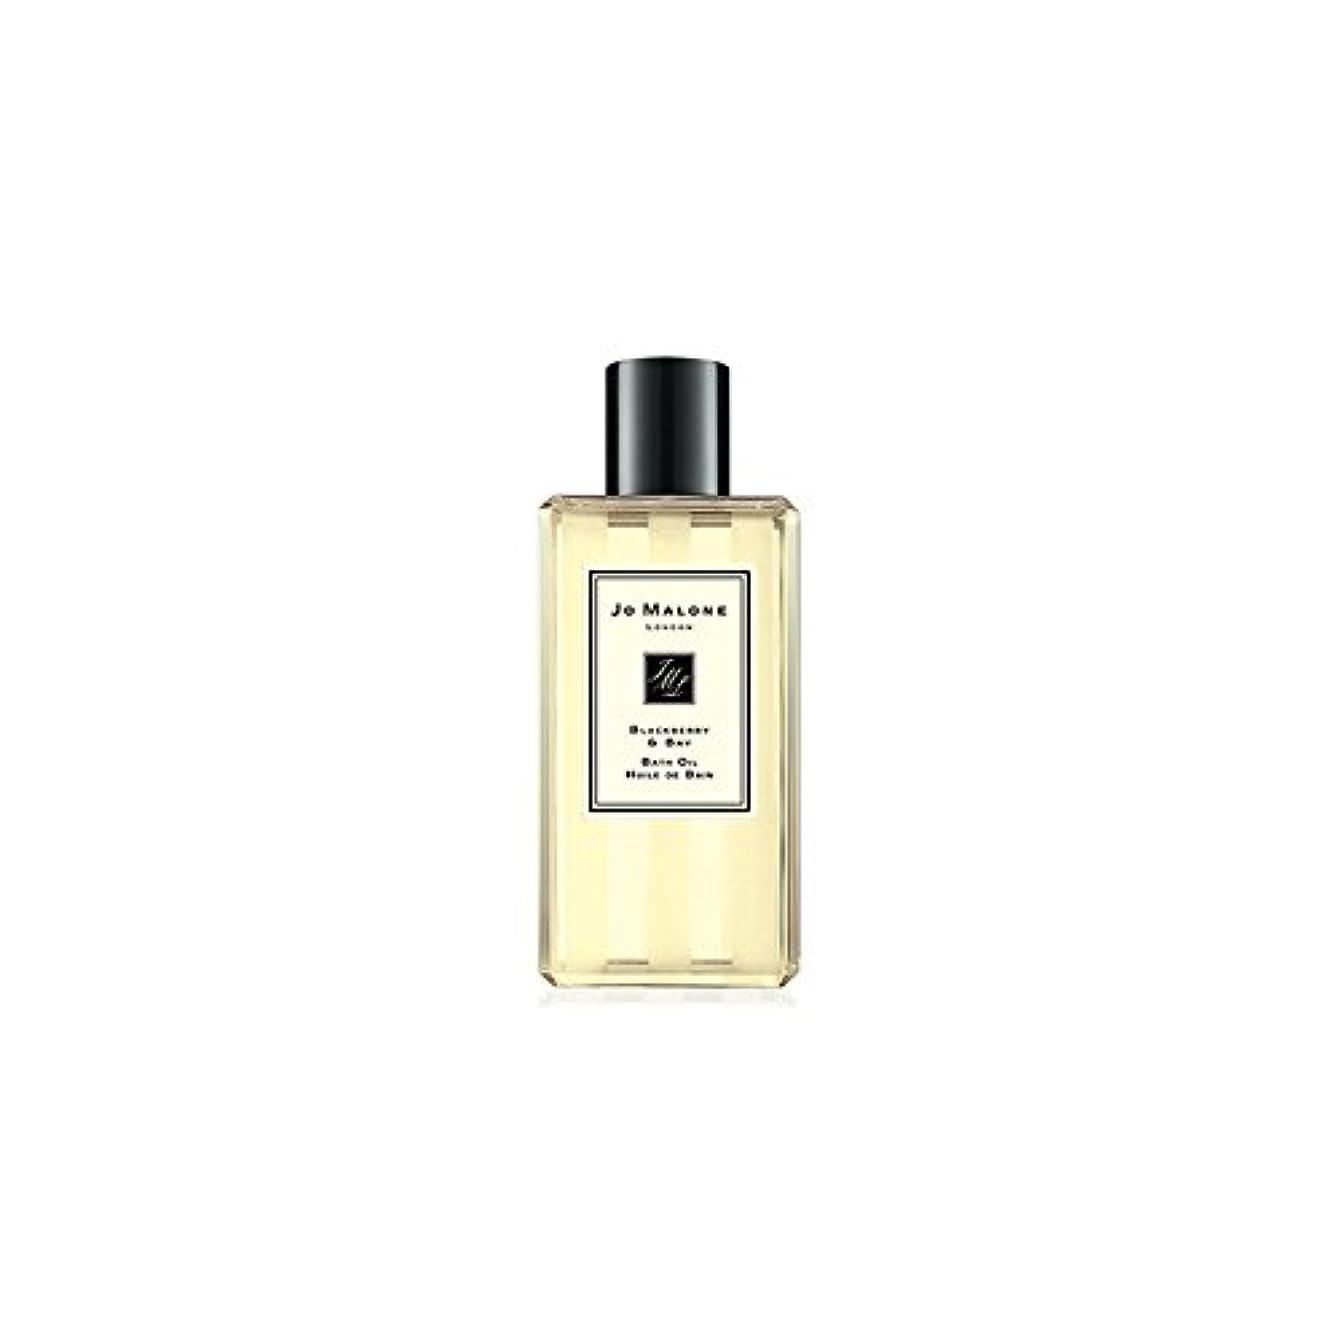 小道生産性継続中Jo Malone Blackberry & Bay Bath Oil - 250ml (Pack of 6) - ジョーマローンブラックベリー&ベイバスオイル - 250ミリリットル (x6) [並行輸入品]